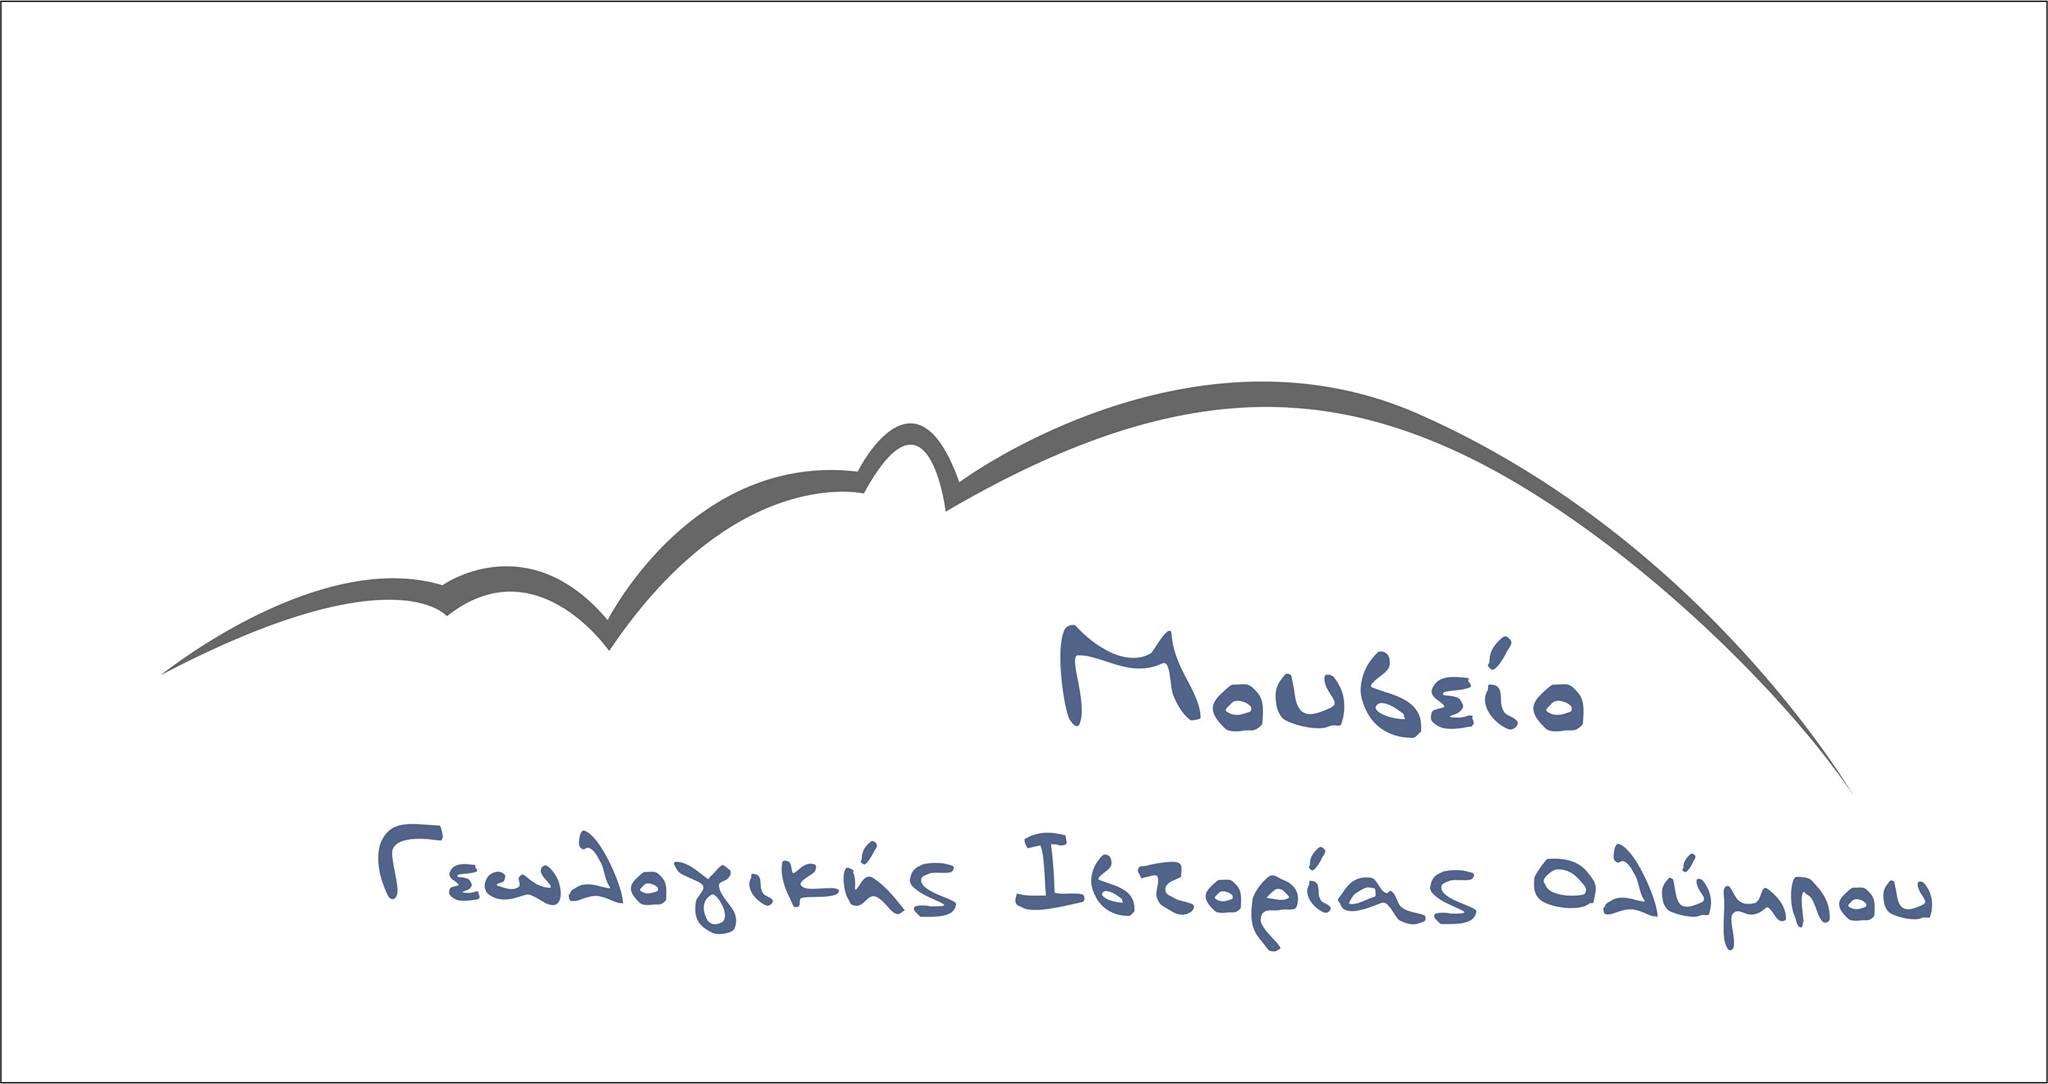 Μουσείο Γεωλογικής Ιστορίας Ολύμπου